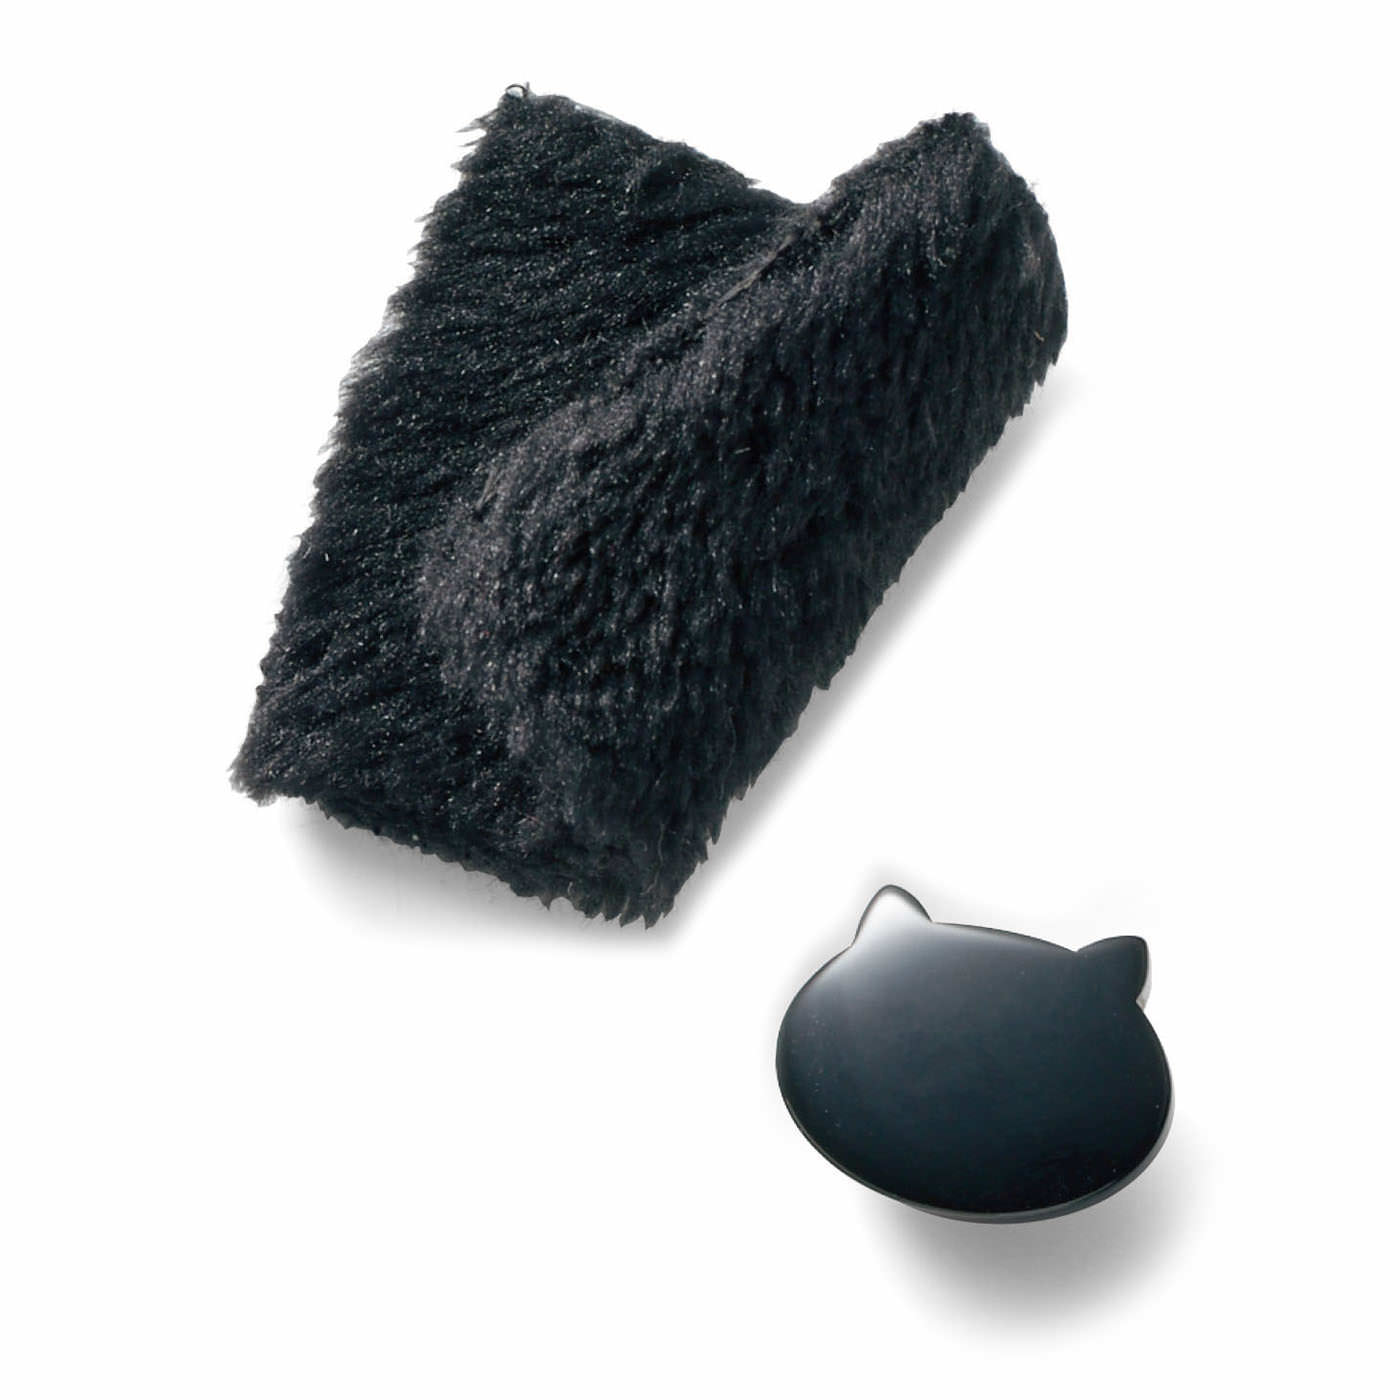 両面とも毛布みたいにふわふわな素材。大人っぽいシルエットや、猫型のボタンなど、さりげないけどかわいいディテールにこだわりました。